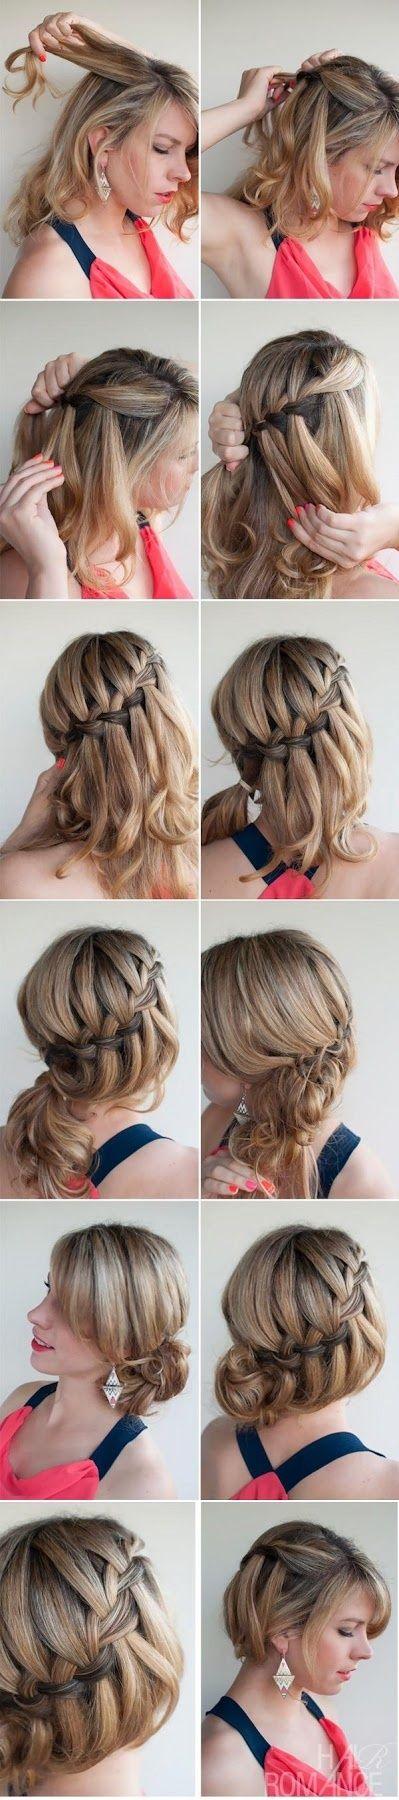 Make A Diy Waterfall Braided Bun | hairstyles tutorial